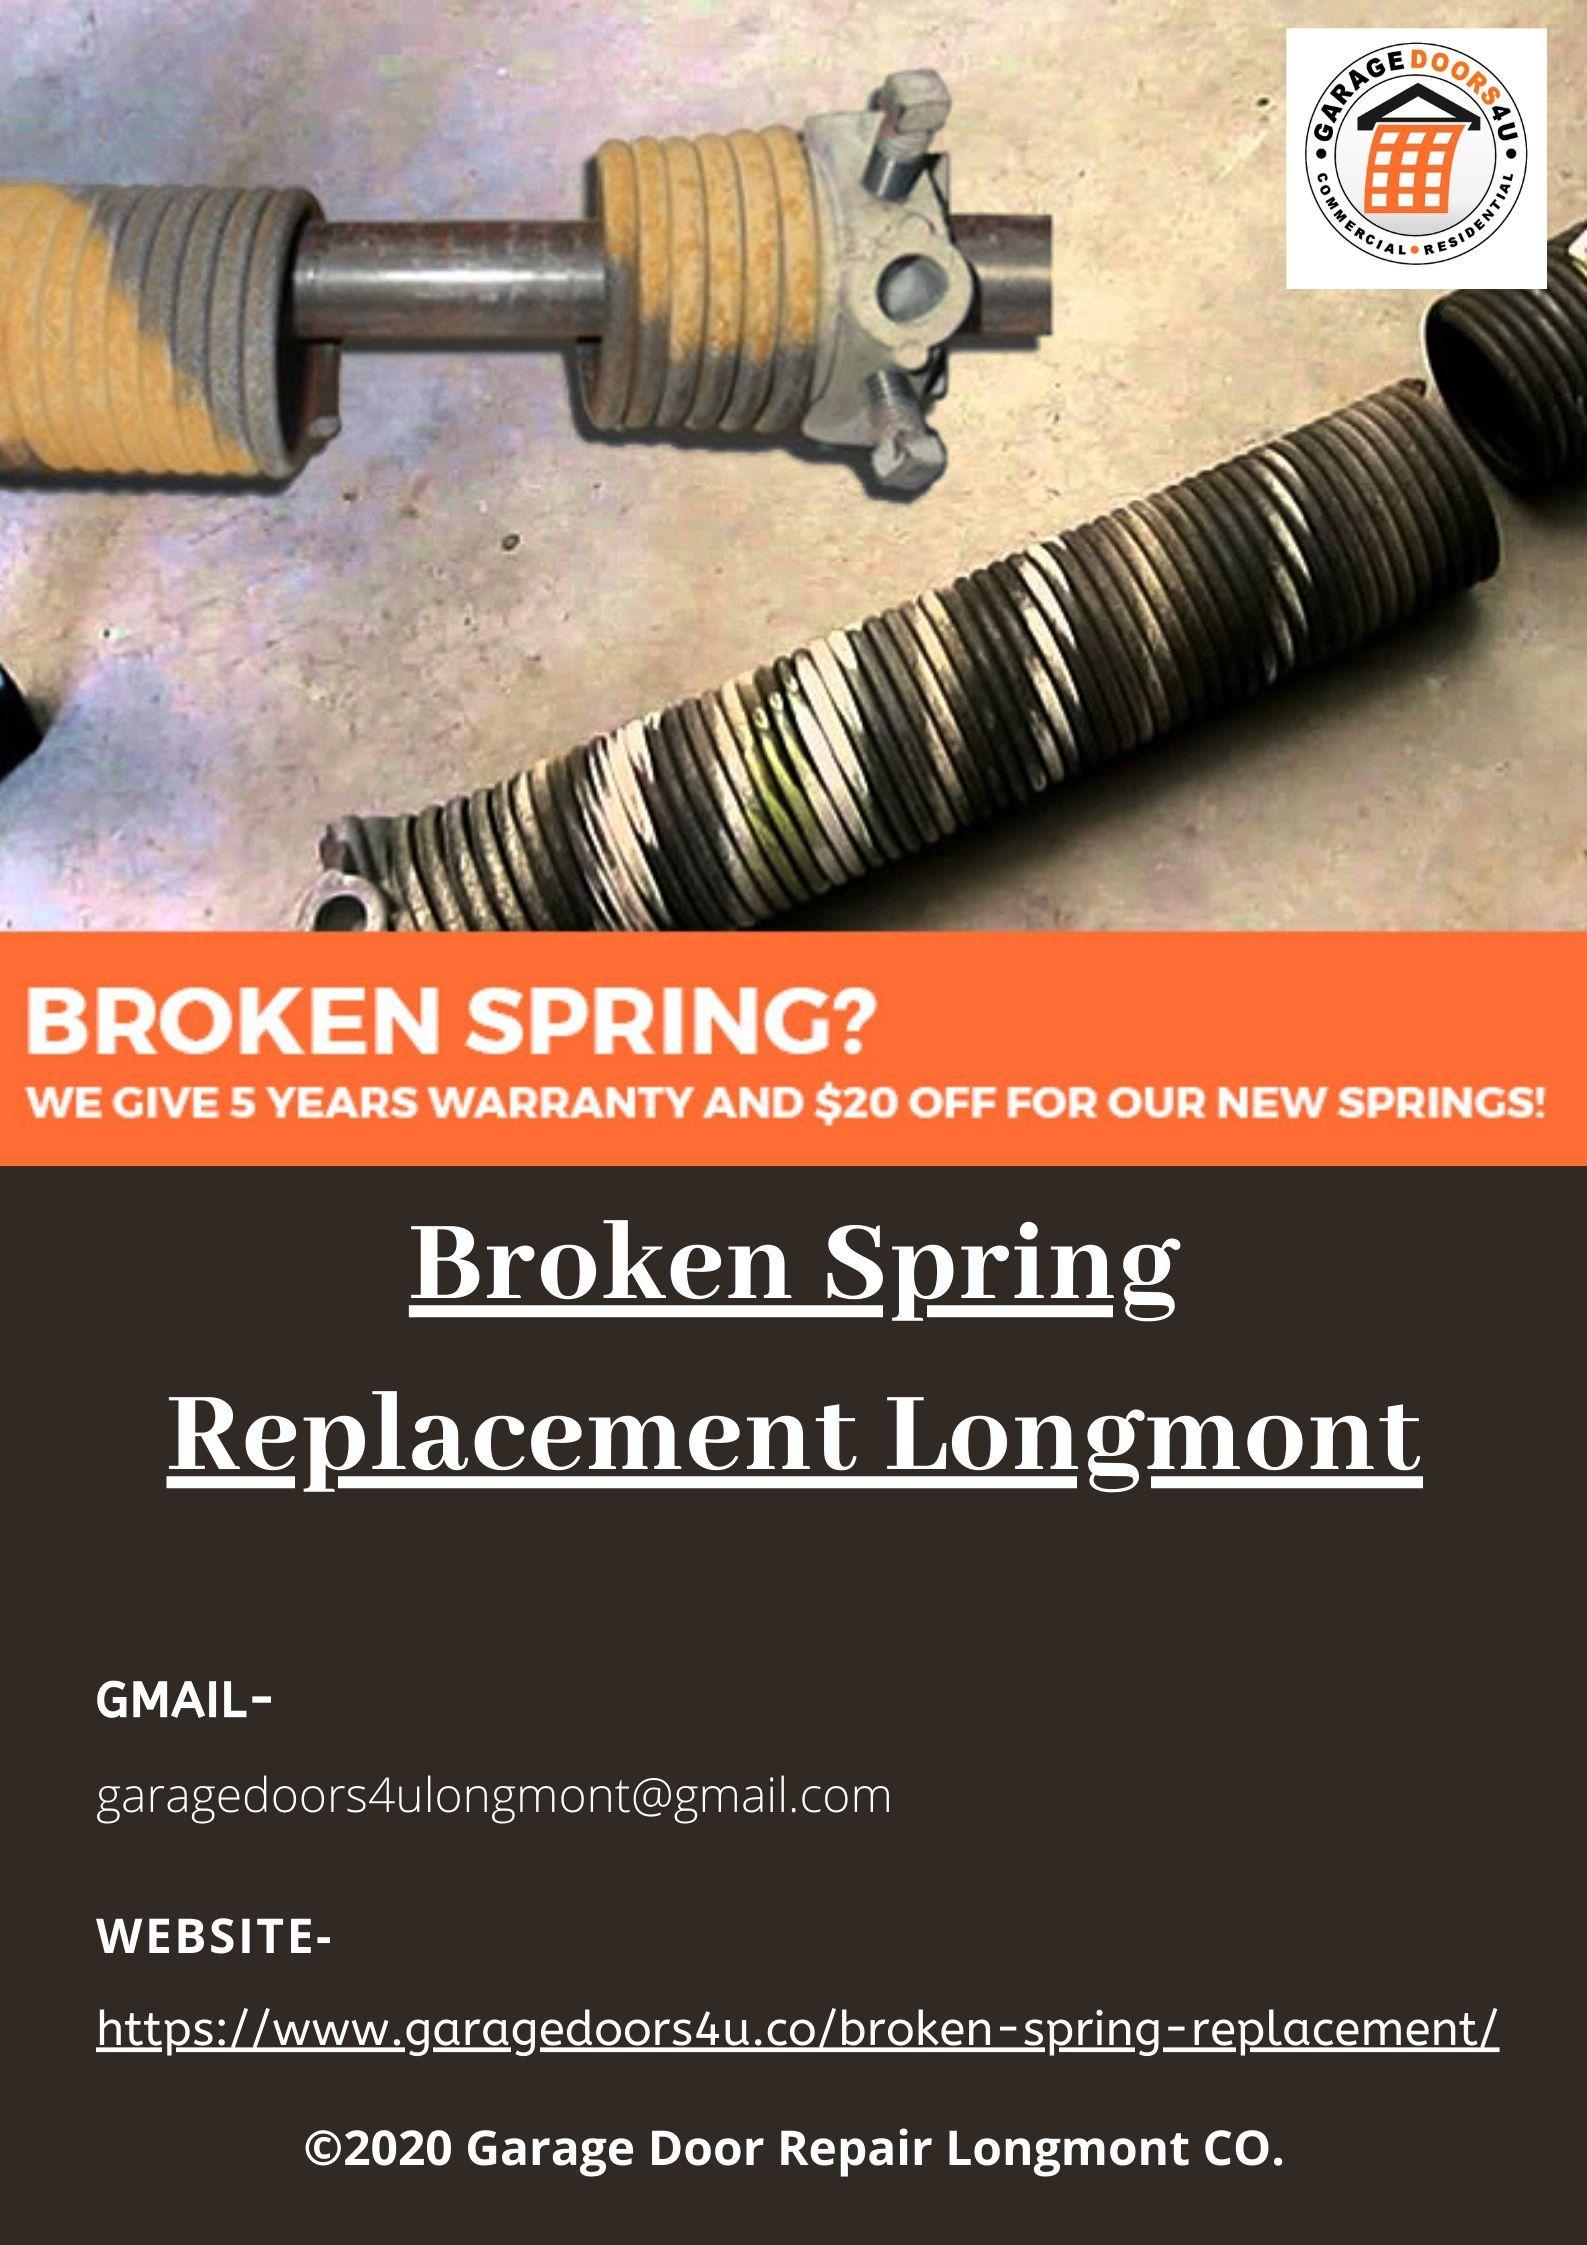 Broken Spring Replacement Longmont In 2020 Garage Door Torsion Spring Garage Doors Door Repair